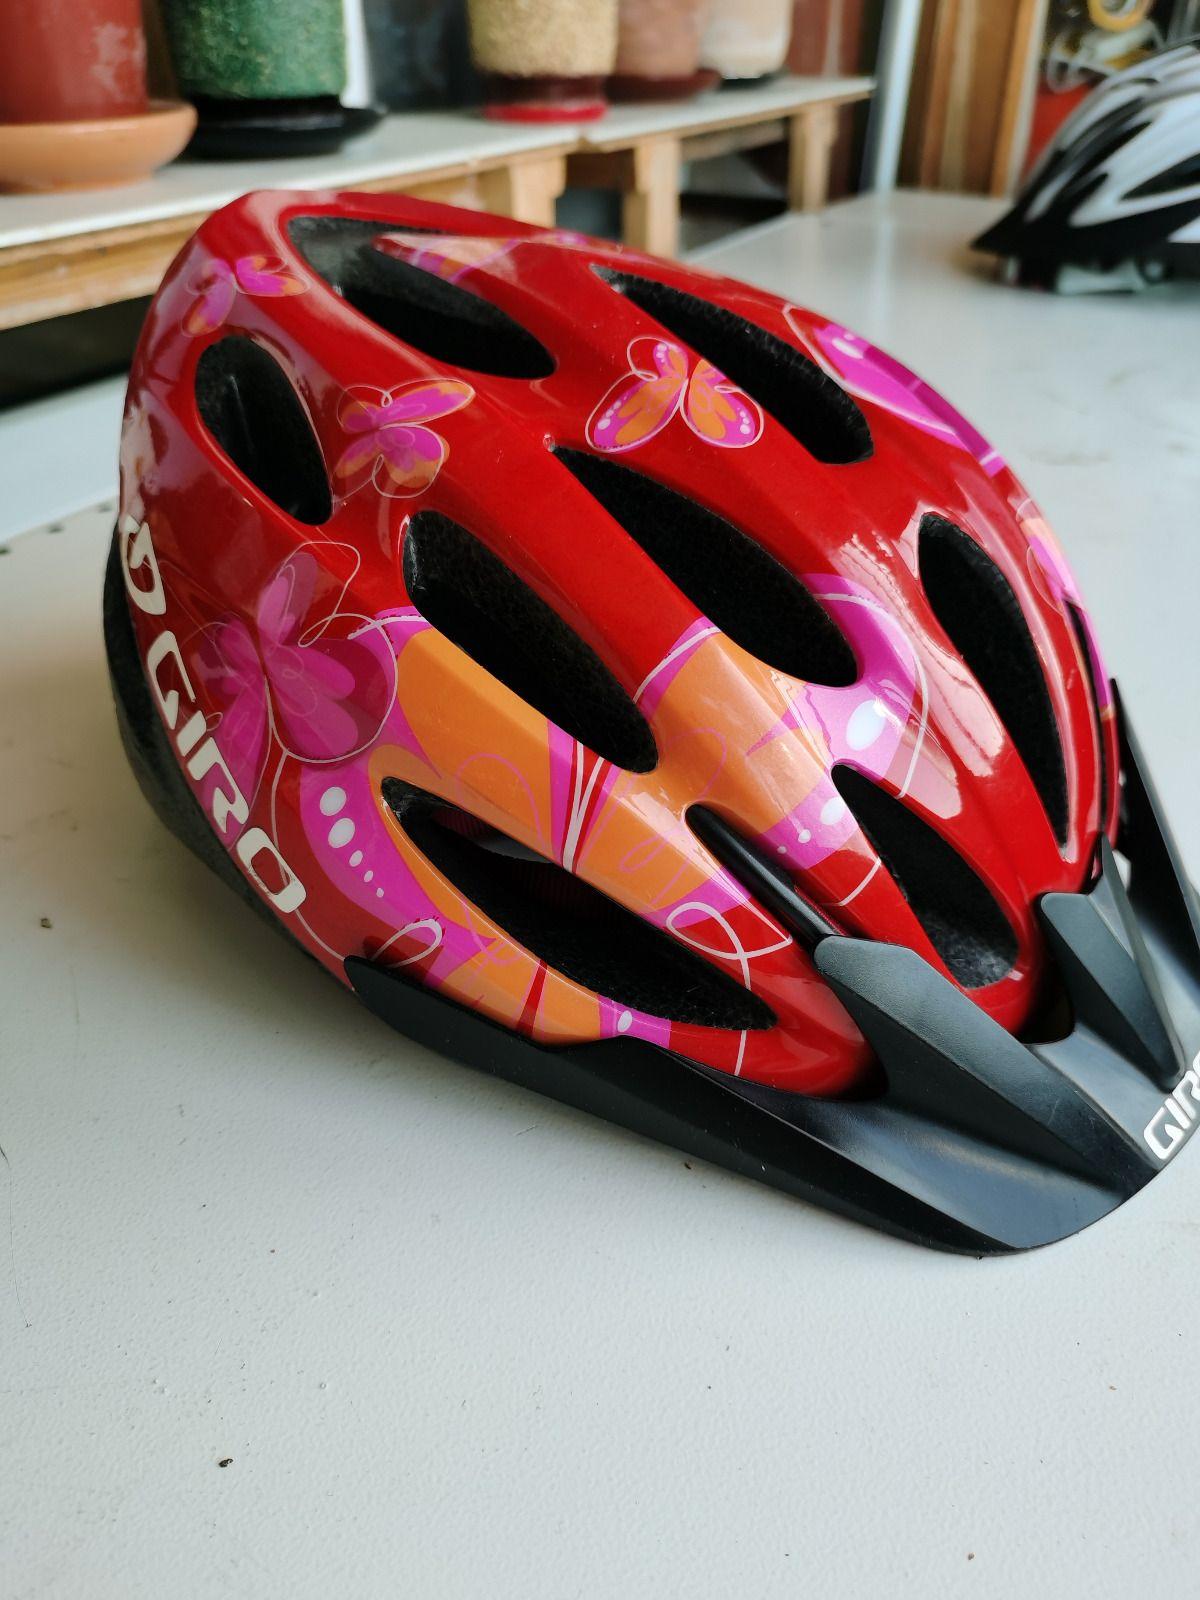 два велошлема маленького размера Giro и Rudy